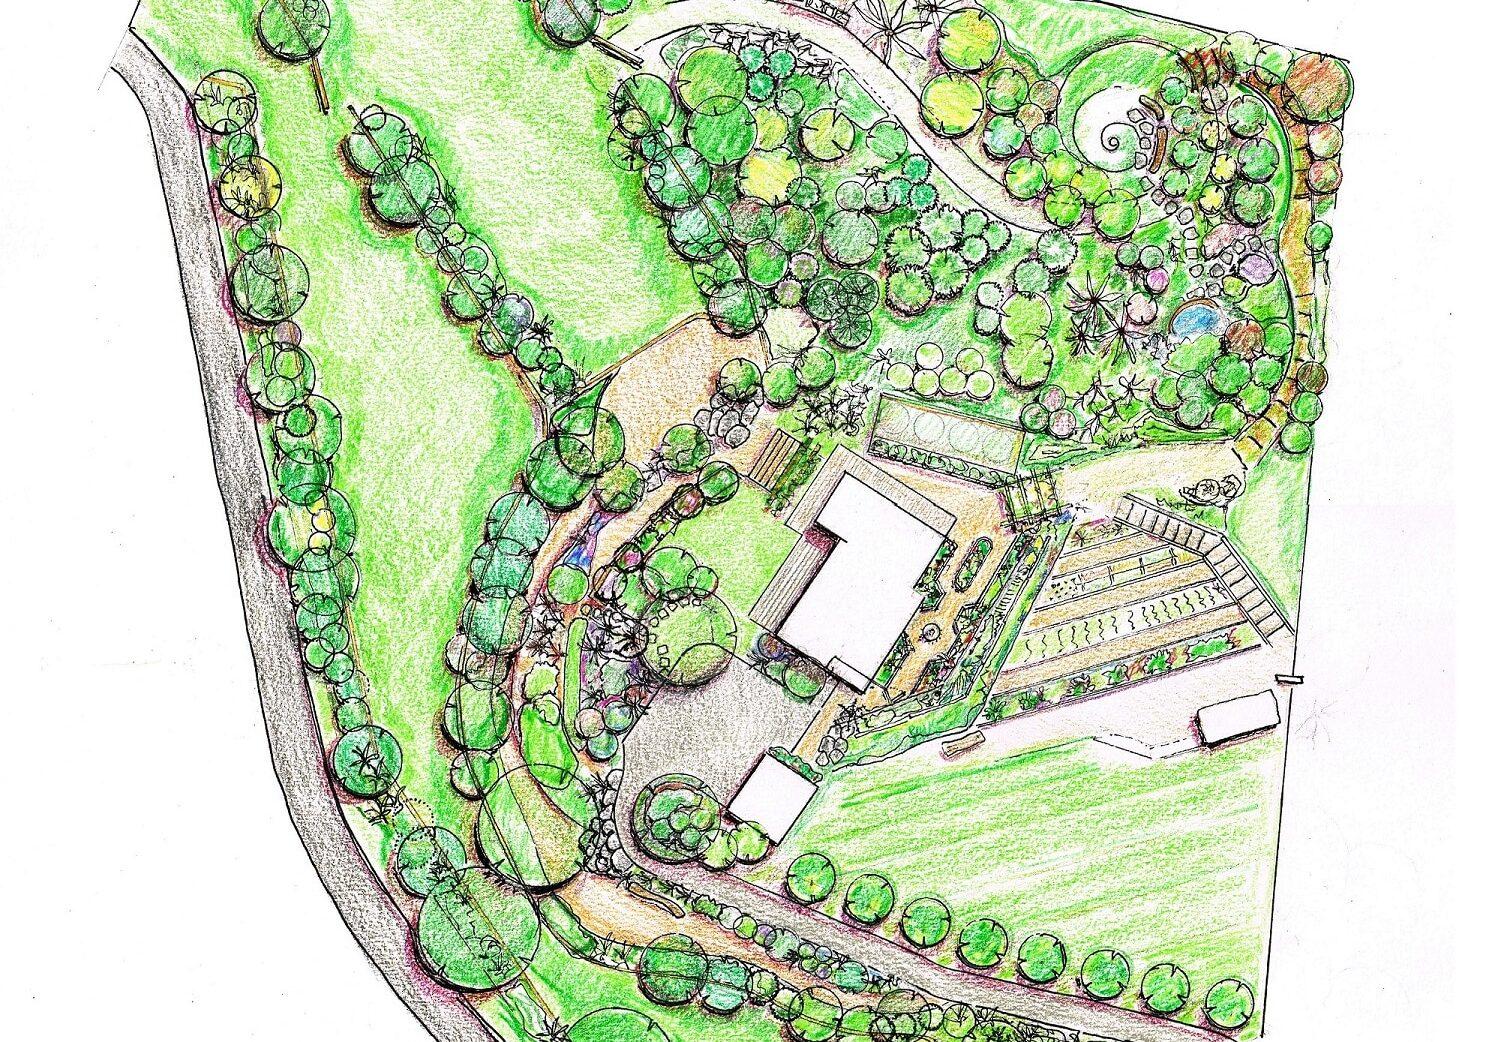 permaculture design landscape services